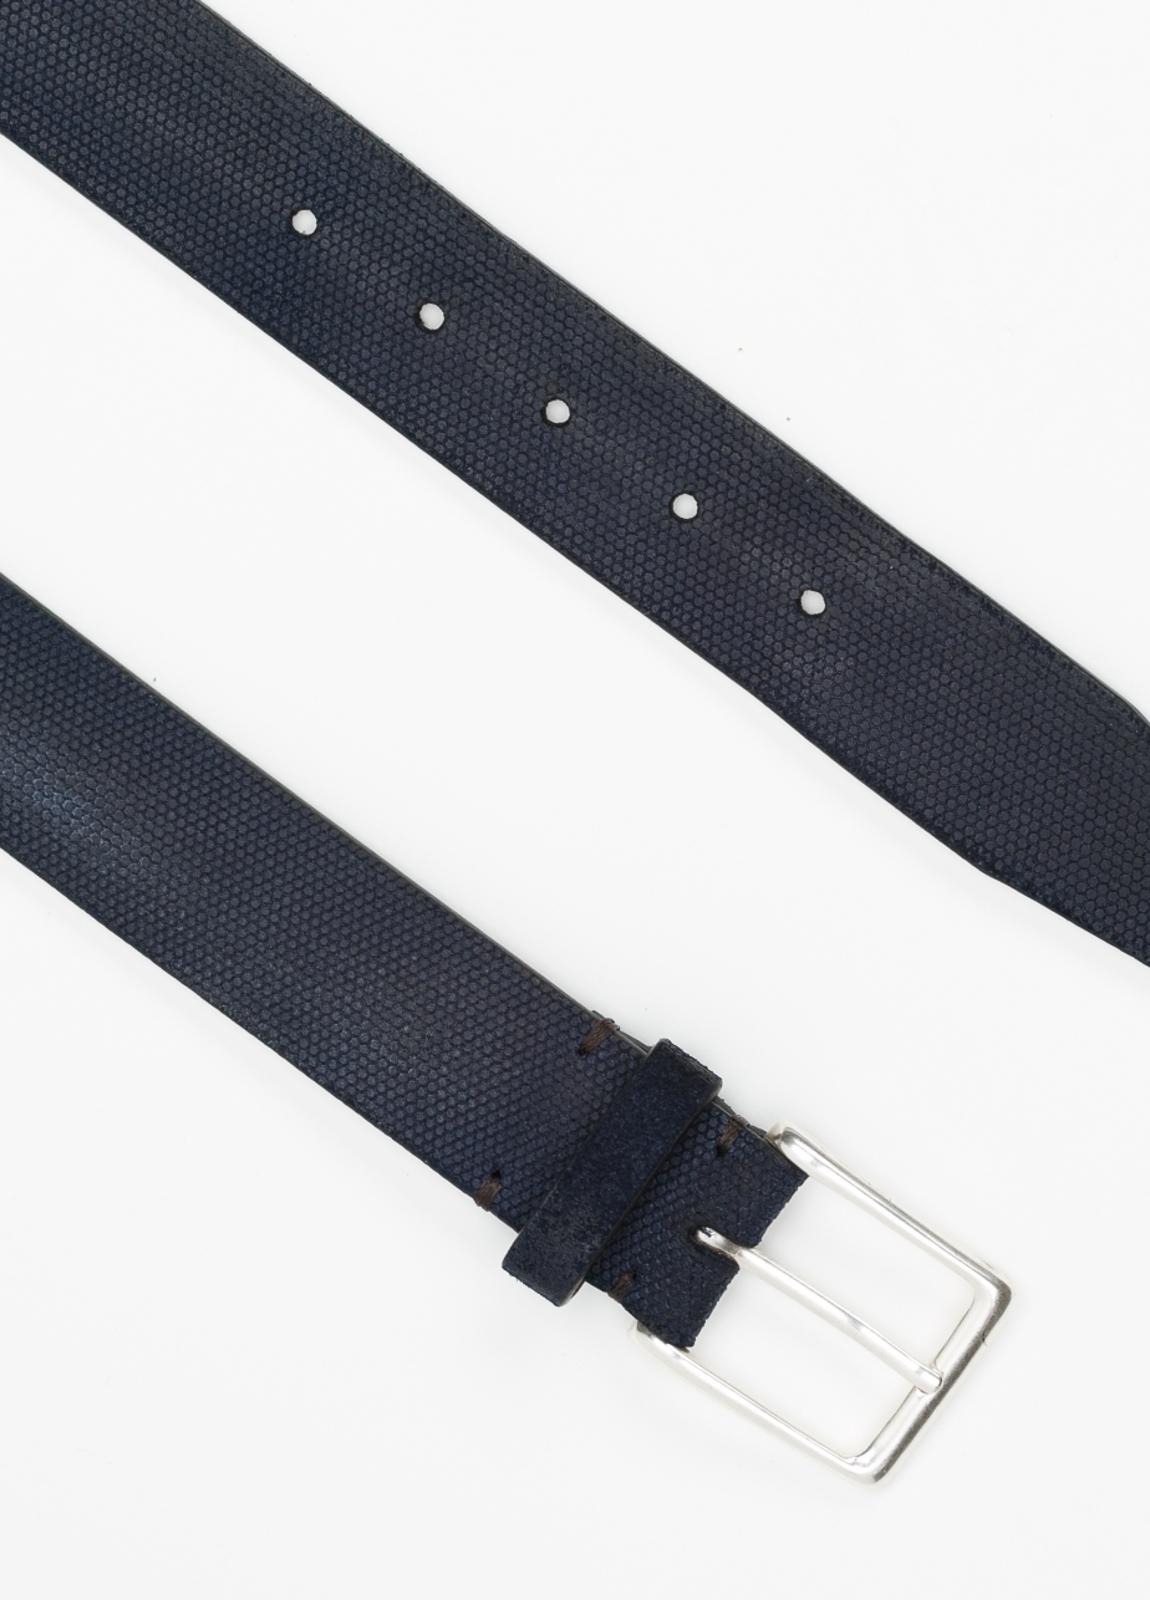 Cinturón Sport piel grabada color azul marino, 100% Piel. - Ítem3